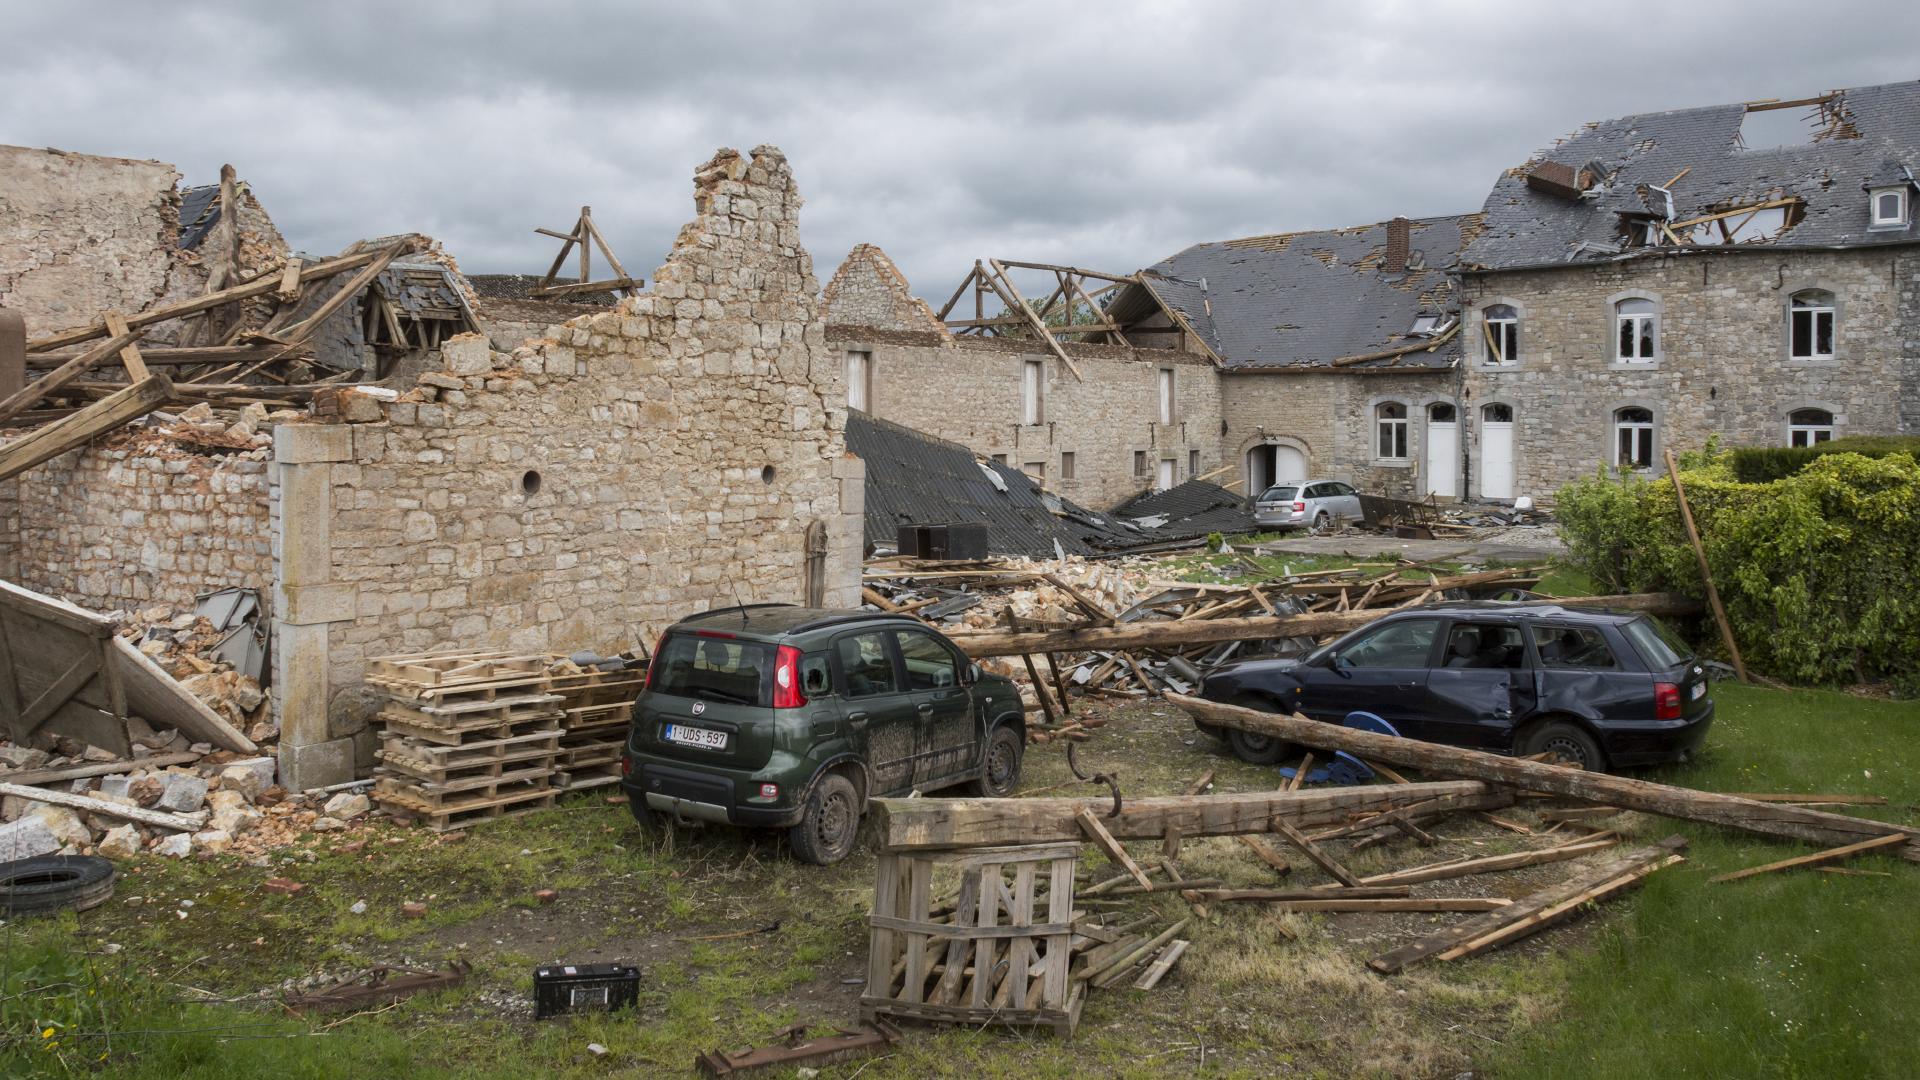 Instants d'orages – Dégâts causés par une tornade de niveau F2 – F3 sur une exploitation agricole